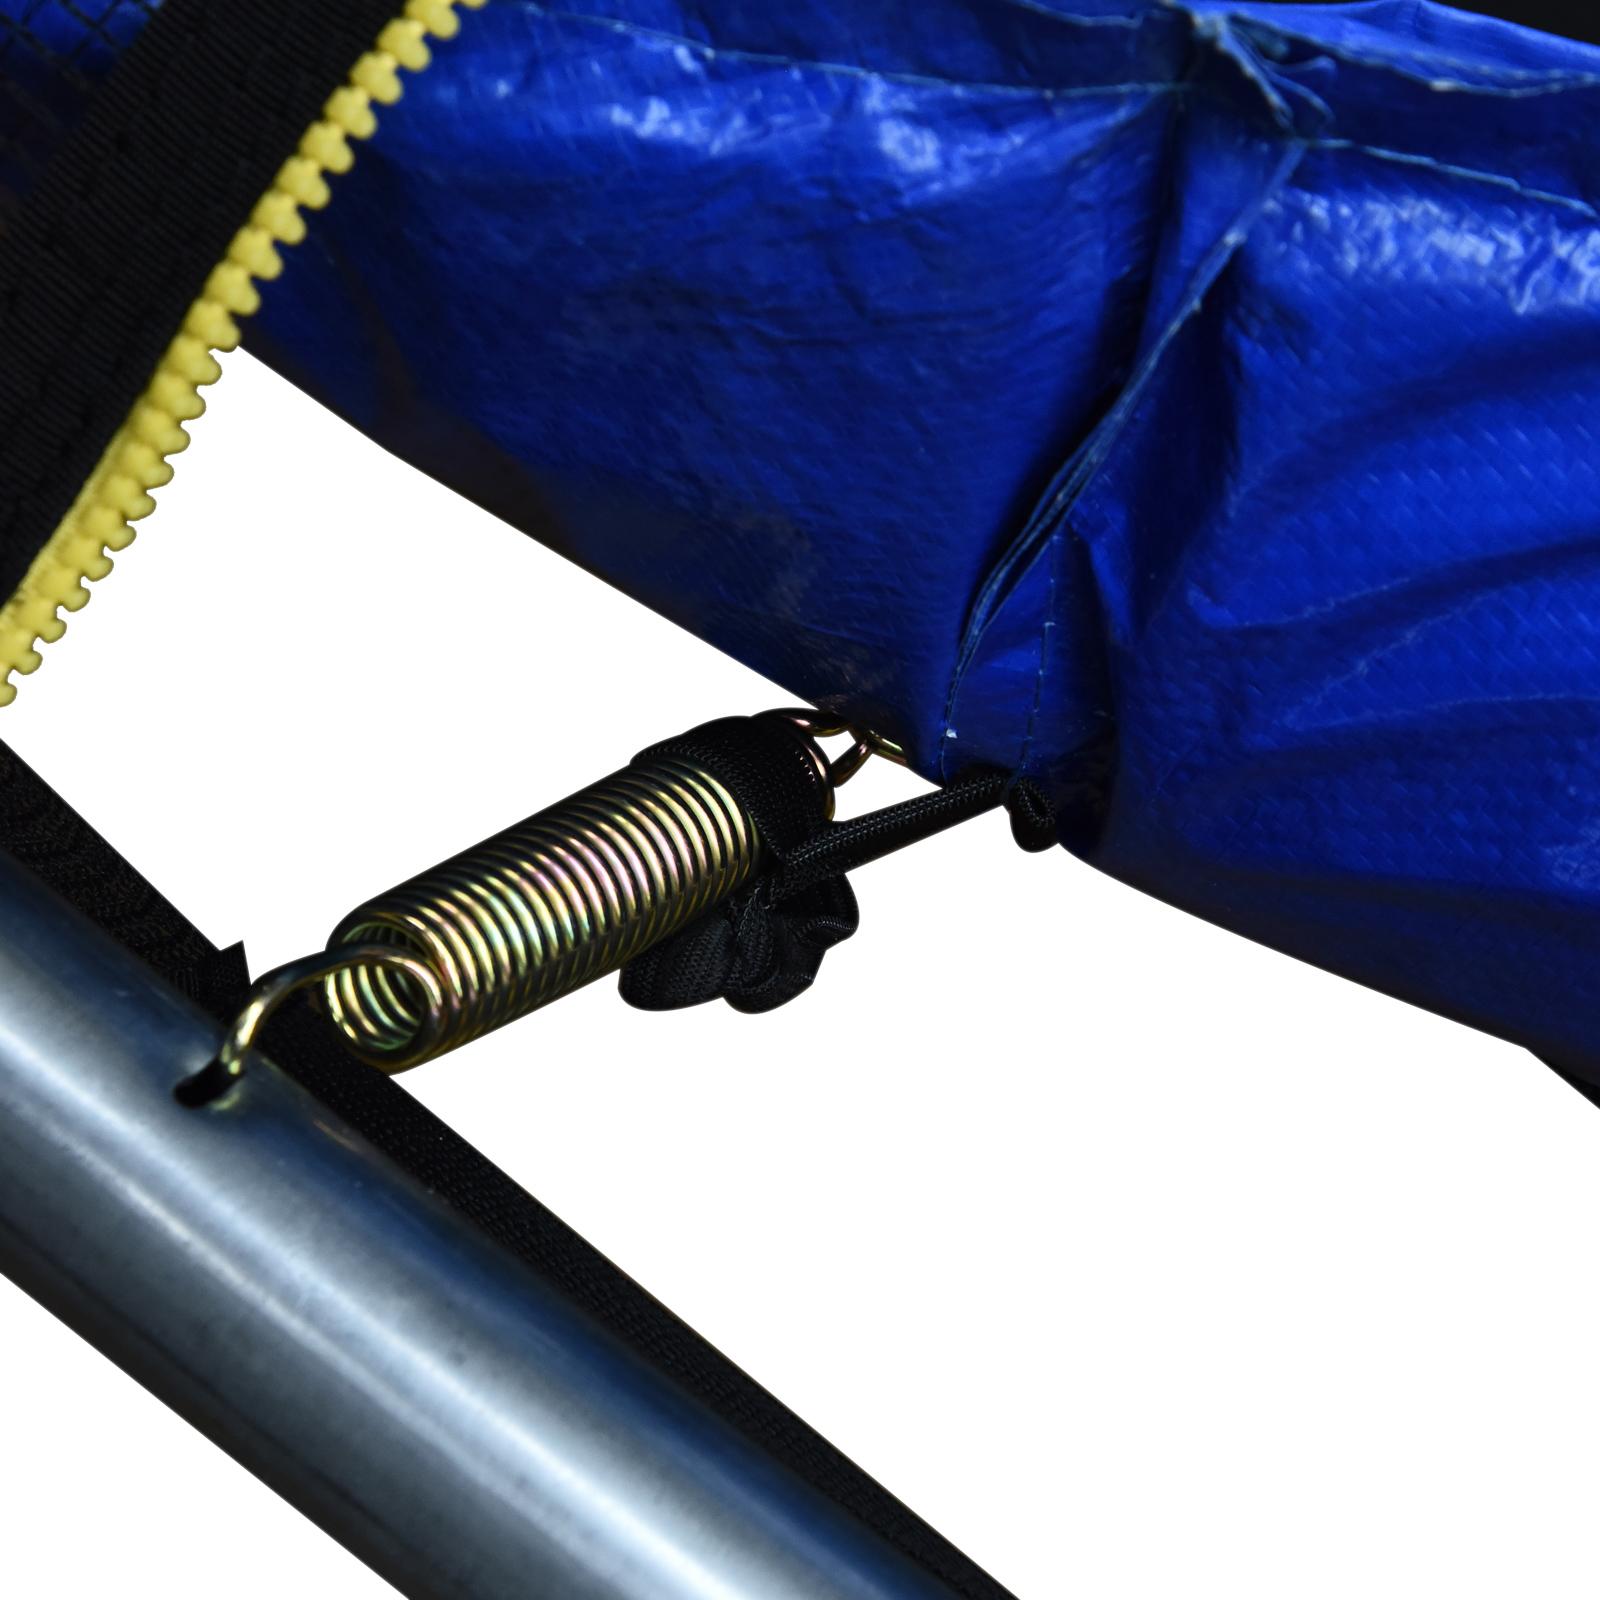 Cubierta-Protectora-para-Borde-de-Cama-Elastica-Trampolin-3-Medidas-Opcionales miniatura 6